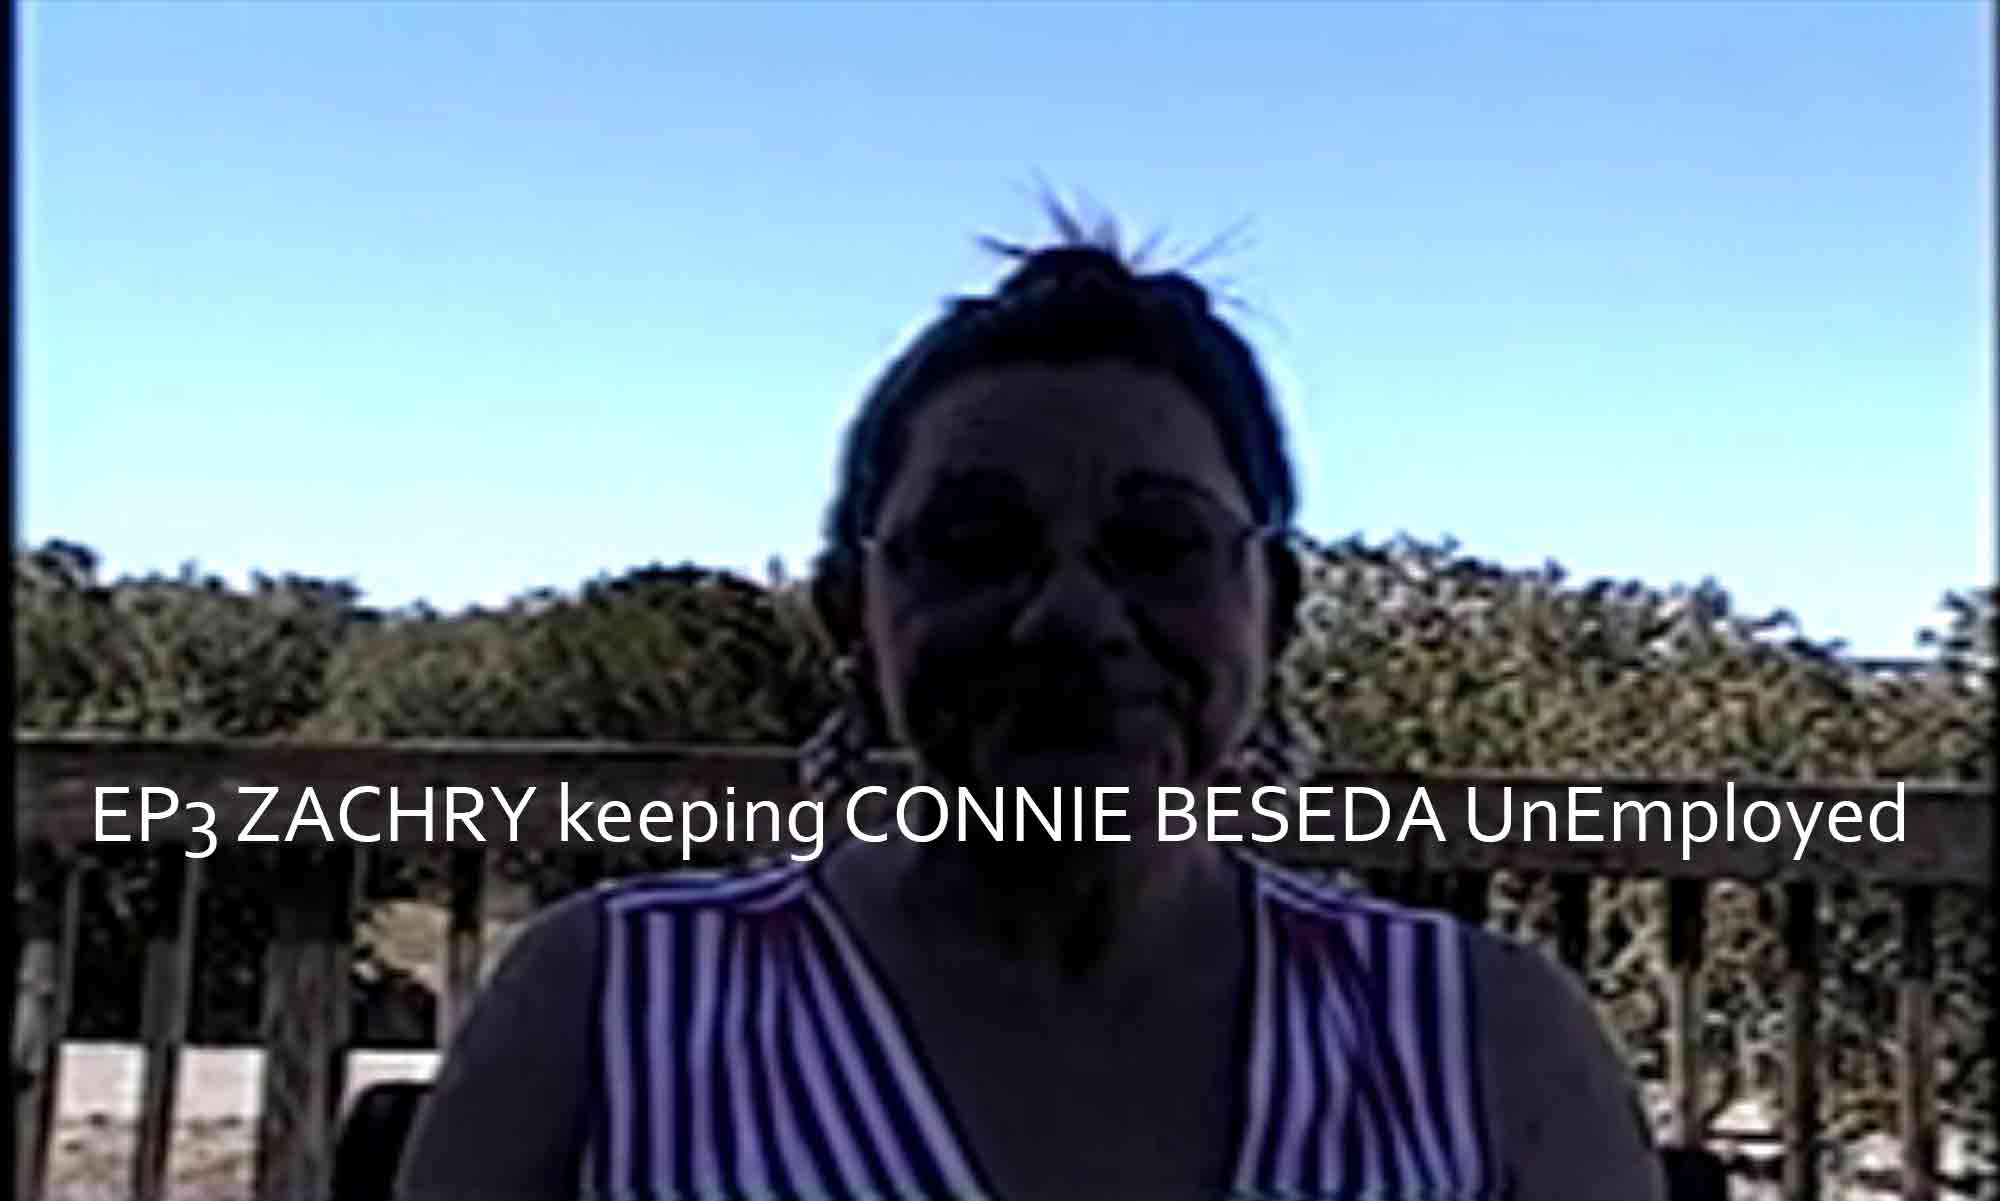 Image of EP3 ZACHRY keeping CONNIE BESEDA UnEmployed Brayton Scott Entertainment©